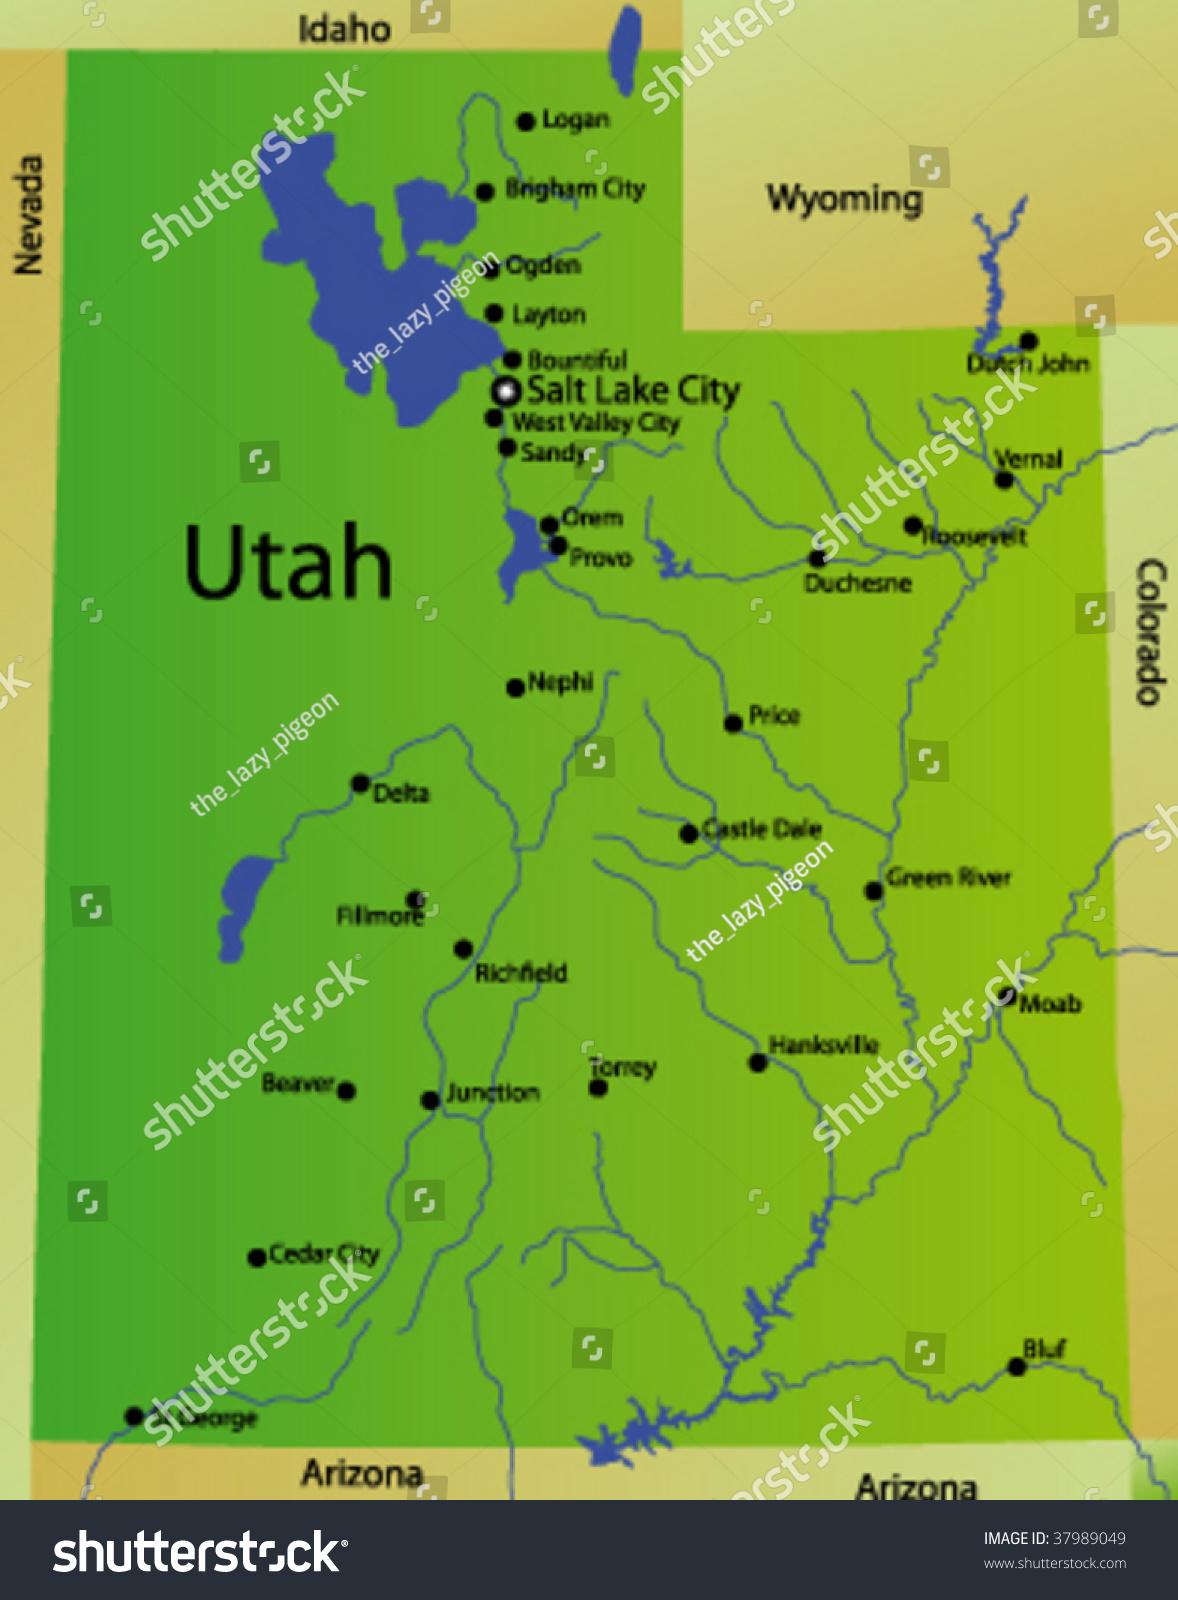 Utah Map Map Of Utah UT Map Salt Lake City Is The Capital And The - Usa zip code utah